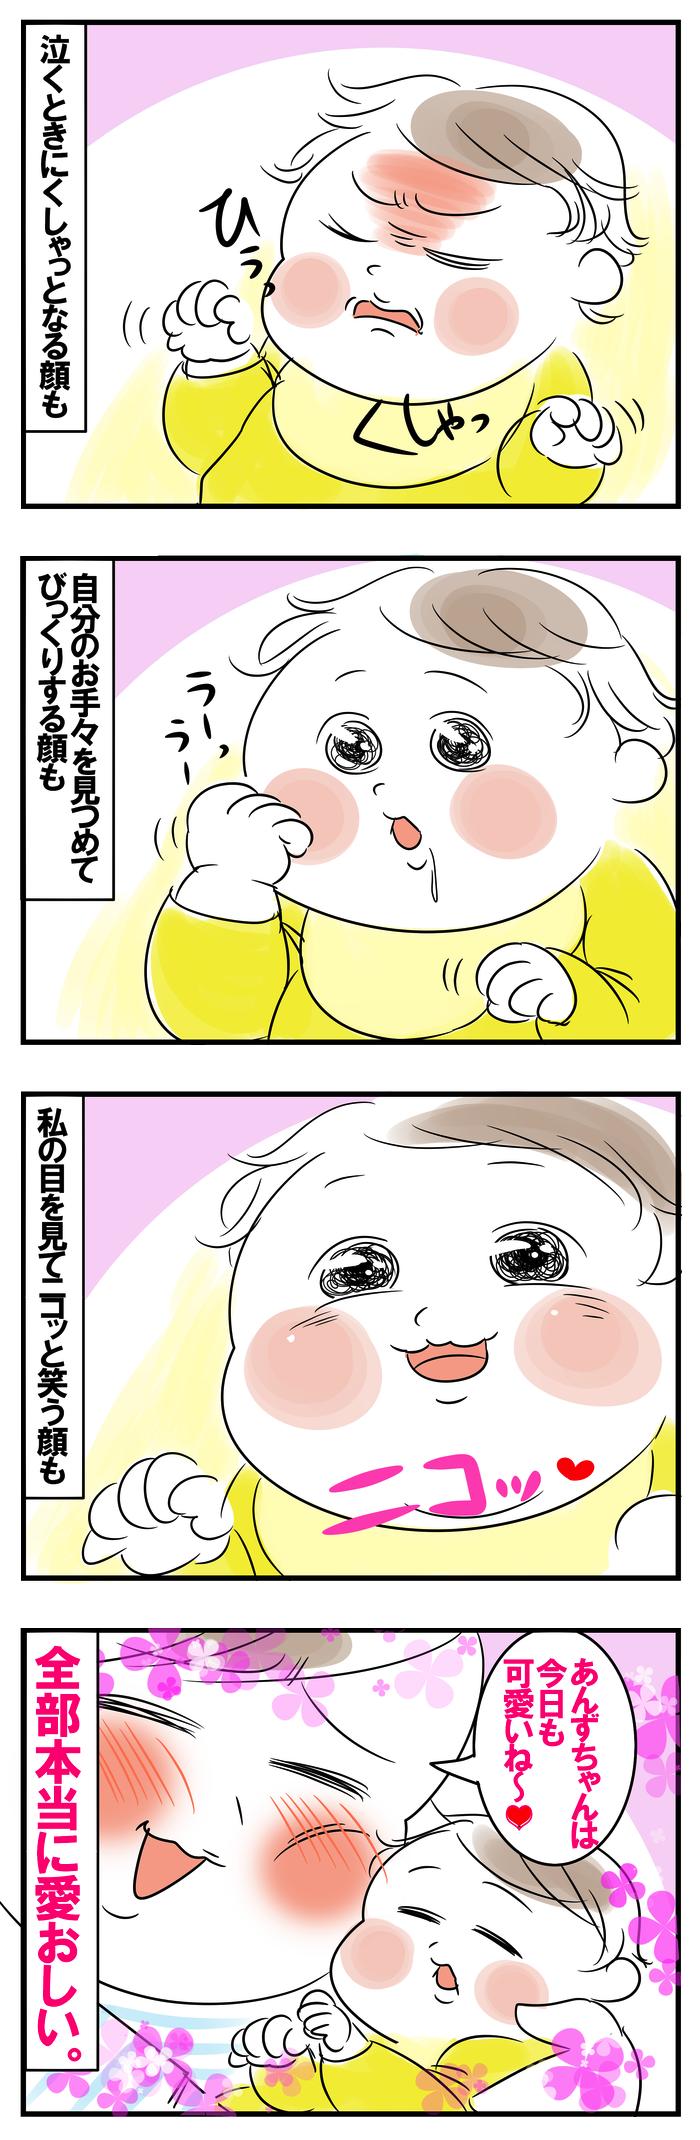 """いつの間に…!あんずちゃんの""""豊かな表情""""に気付いてキュンとなる♡の画像1"""